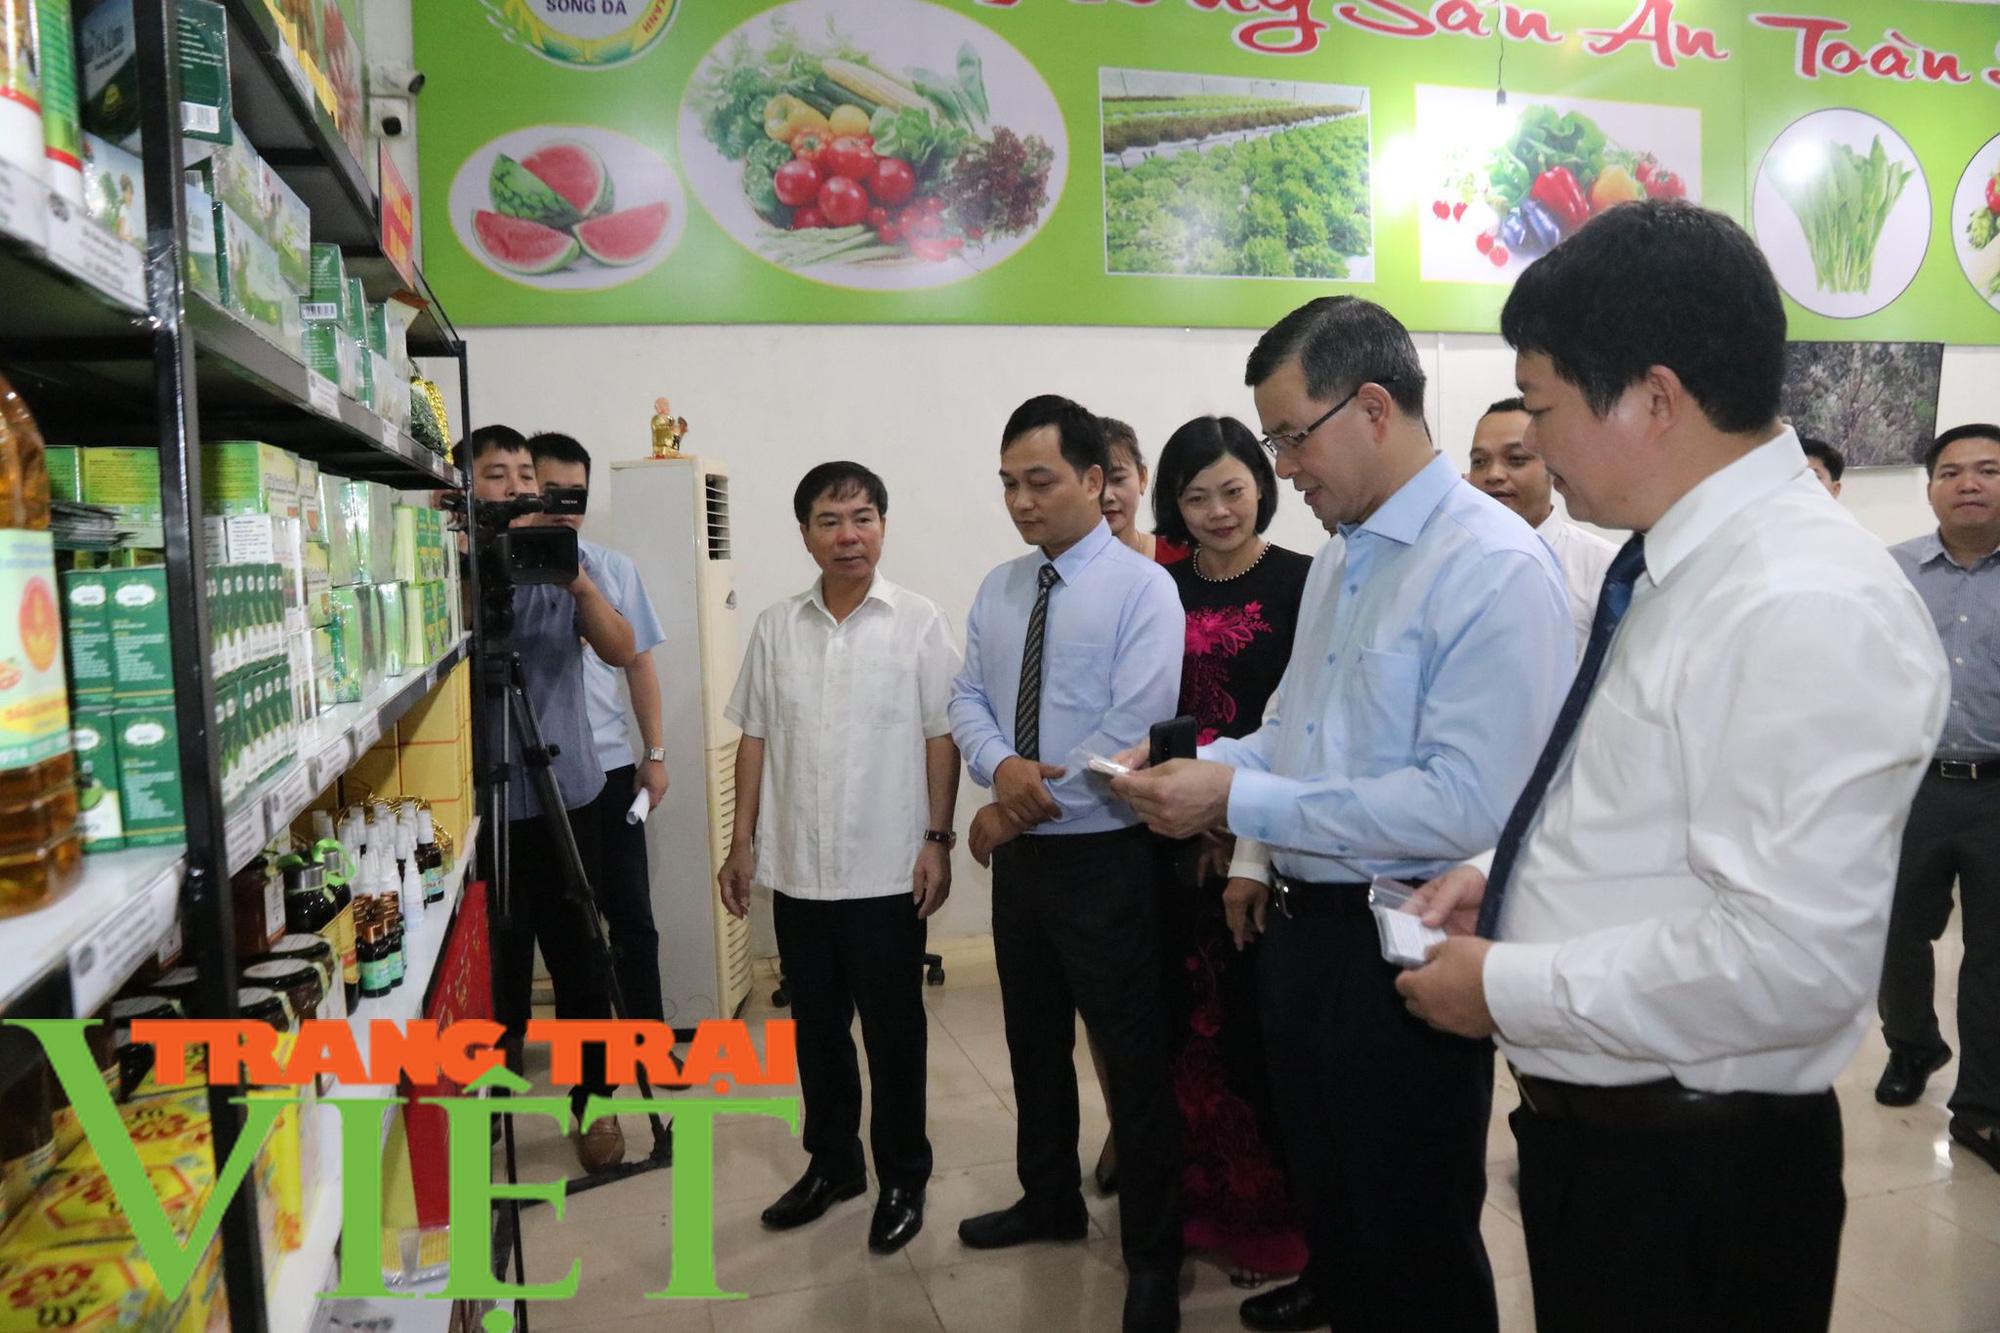 Gần 3,8 vạn nông dân tỉnh Hòa Bình đạt danh hiệu sản xuất, kinh doanh giỏi - Ảnh 3.